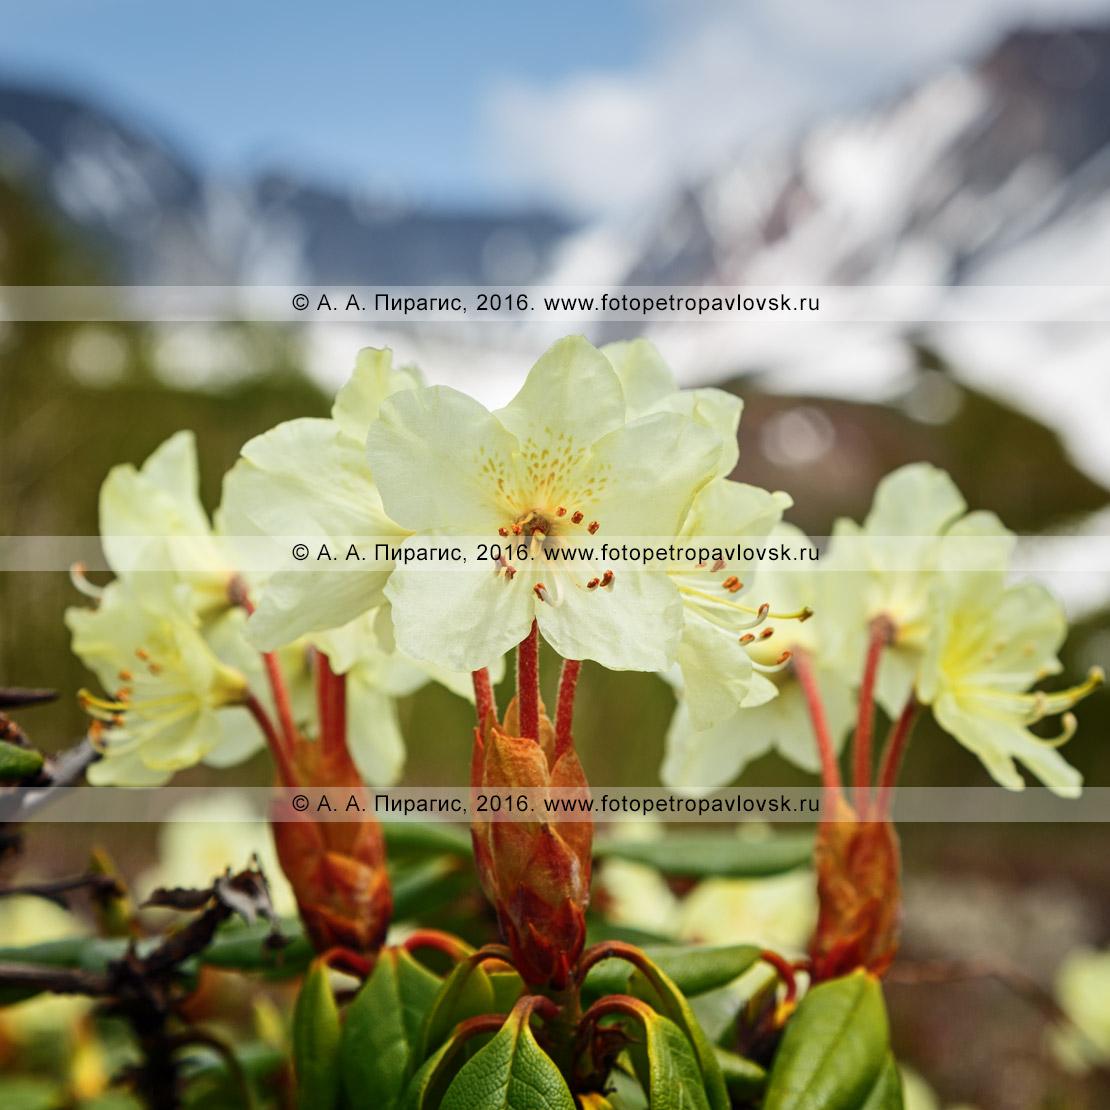 Фотография: флора полуострова Камчатка — цветет рододендрон золотистый — Rhododendron aureum Georgi (семейство Вересковые — Ericaceae)